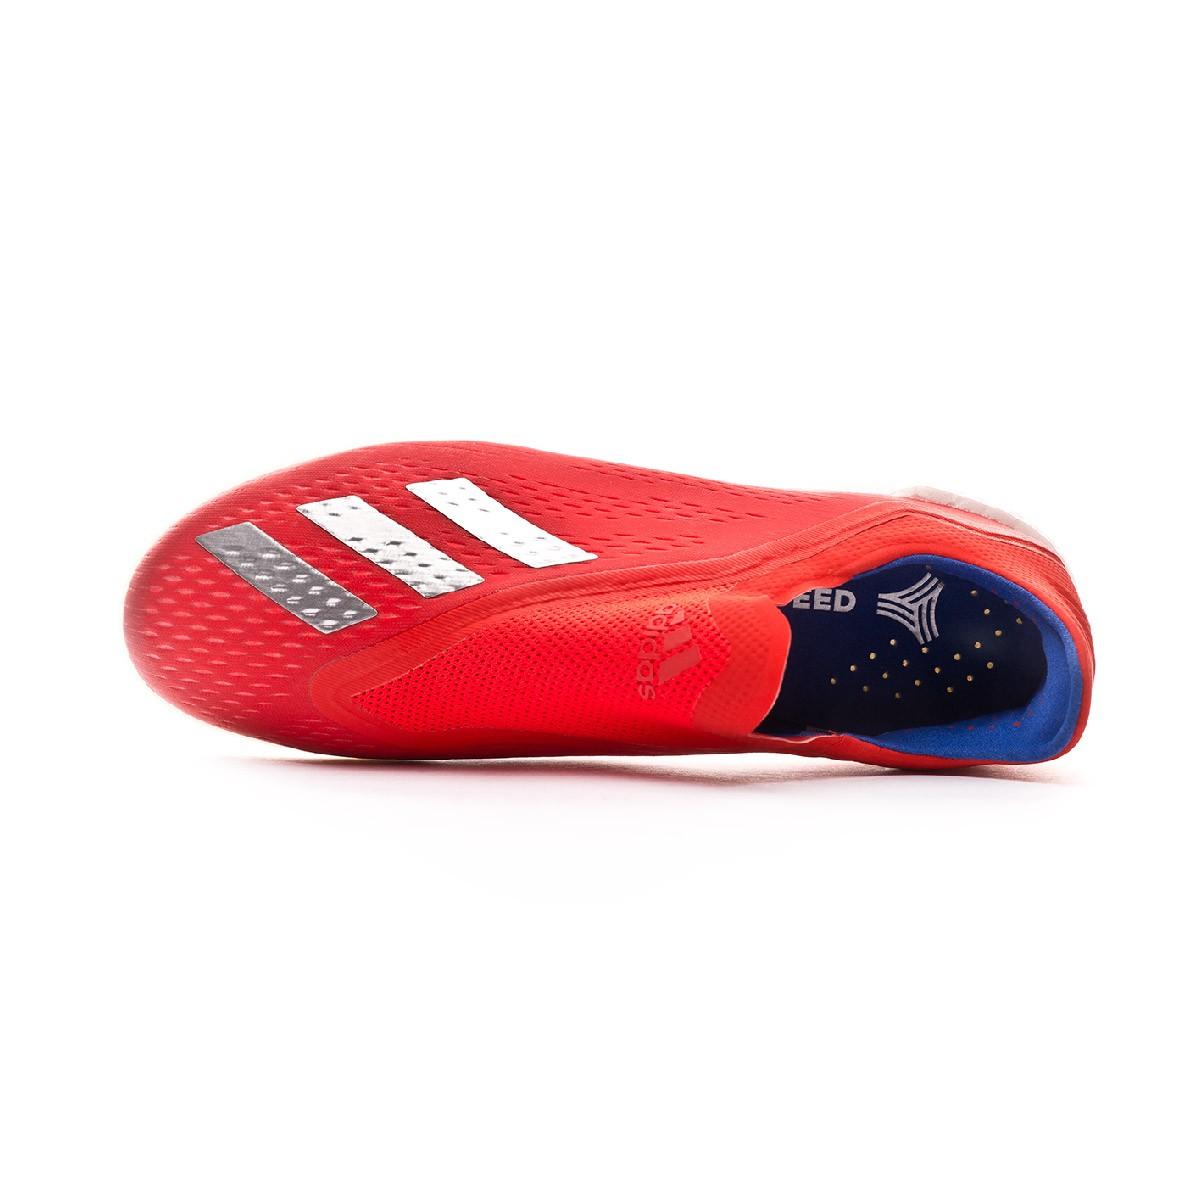 Football Boot adidas X Tango 18+ Turf